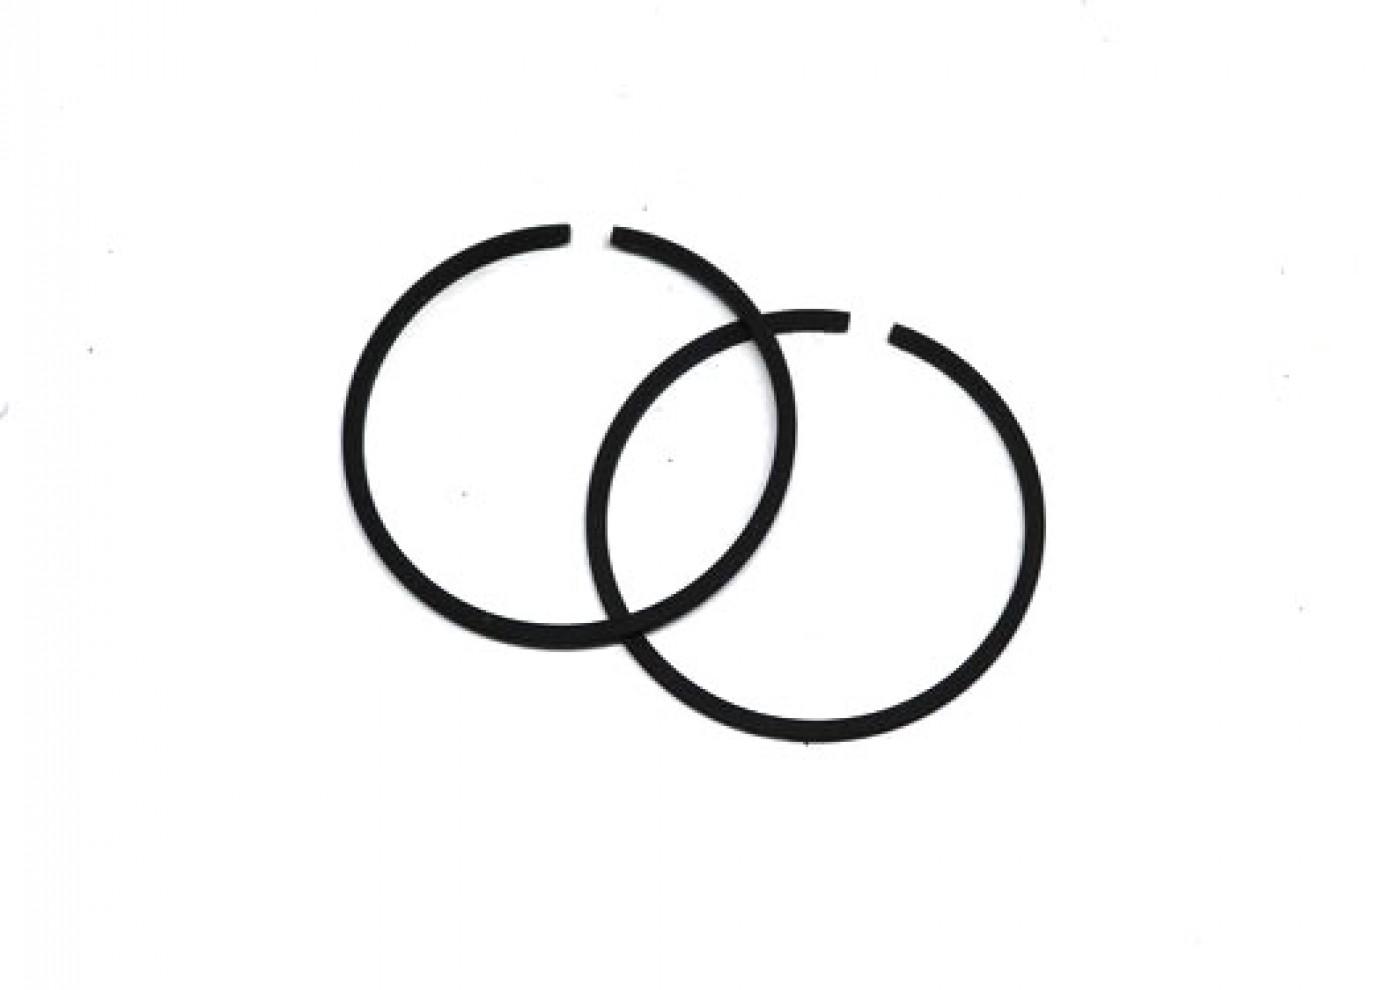 Sada pístních kroužků Stihl SR420